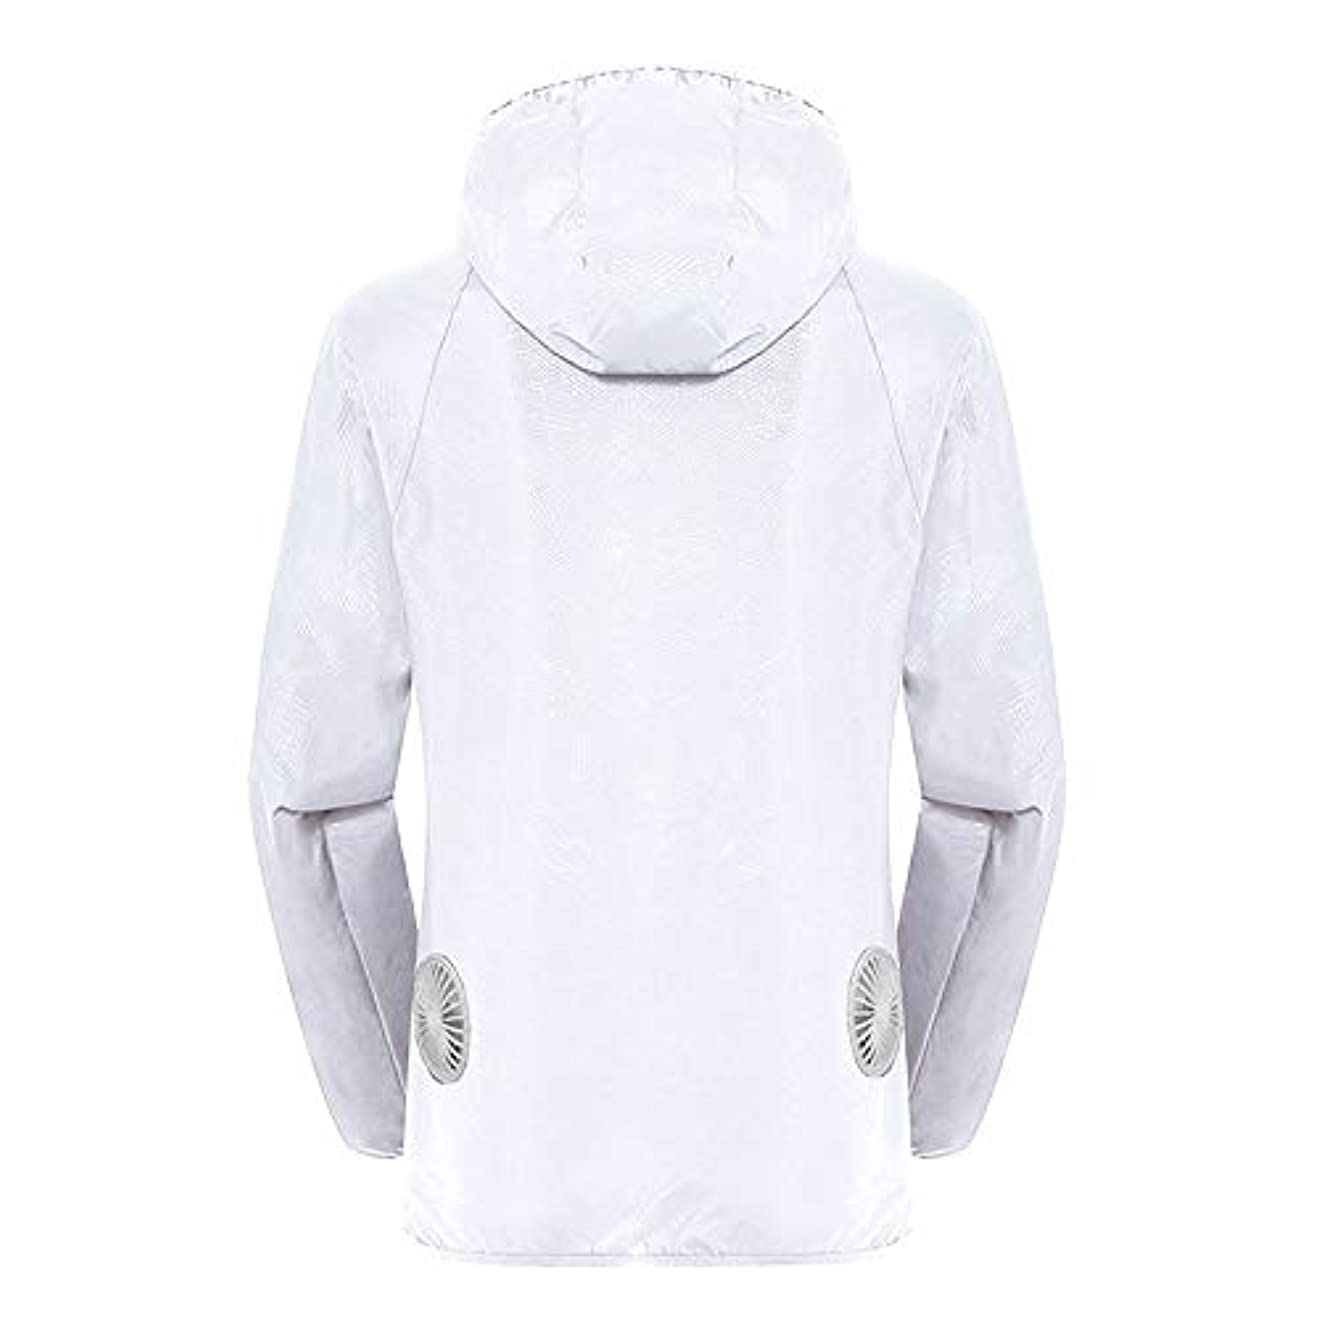 気体の取り替えるスライム夏のスマート3ギアエアコンジャケット日焼け防止服釣りスーツ水しぶき防止服をクールダウン(宝物なしで充電),White,L